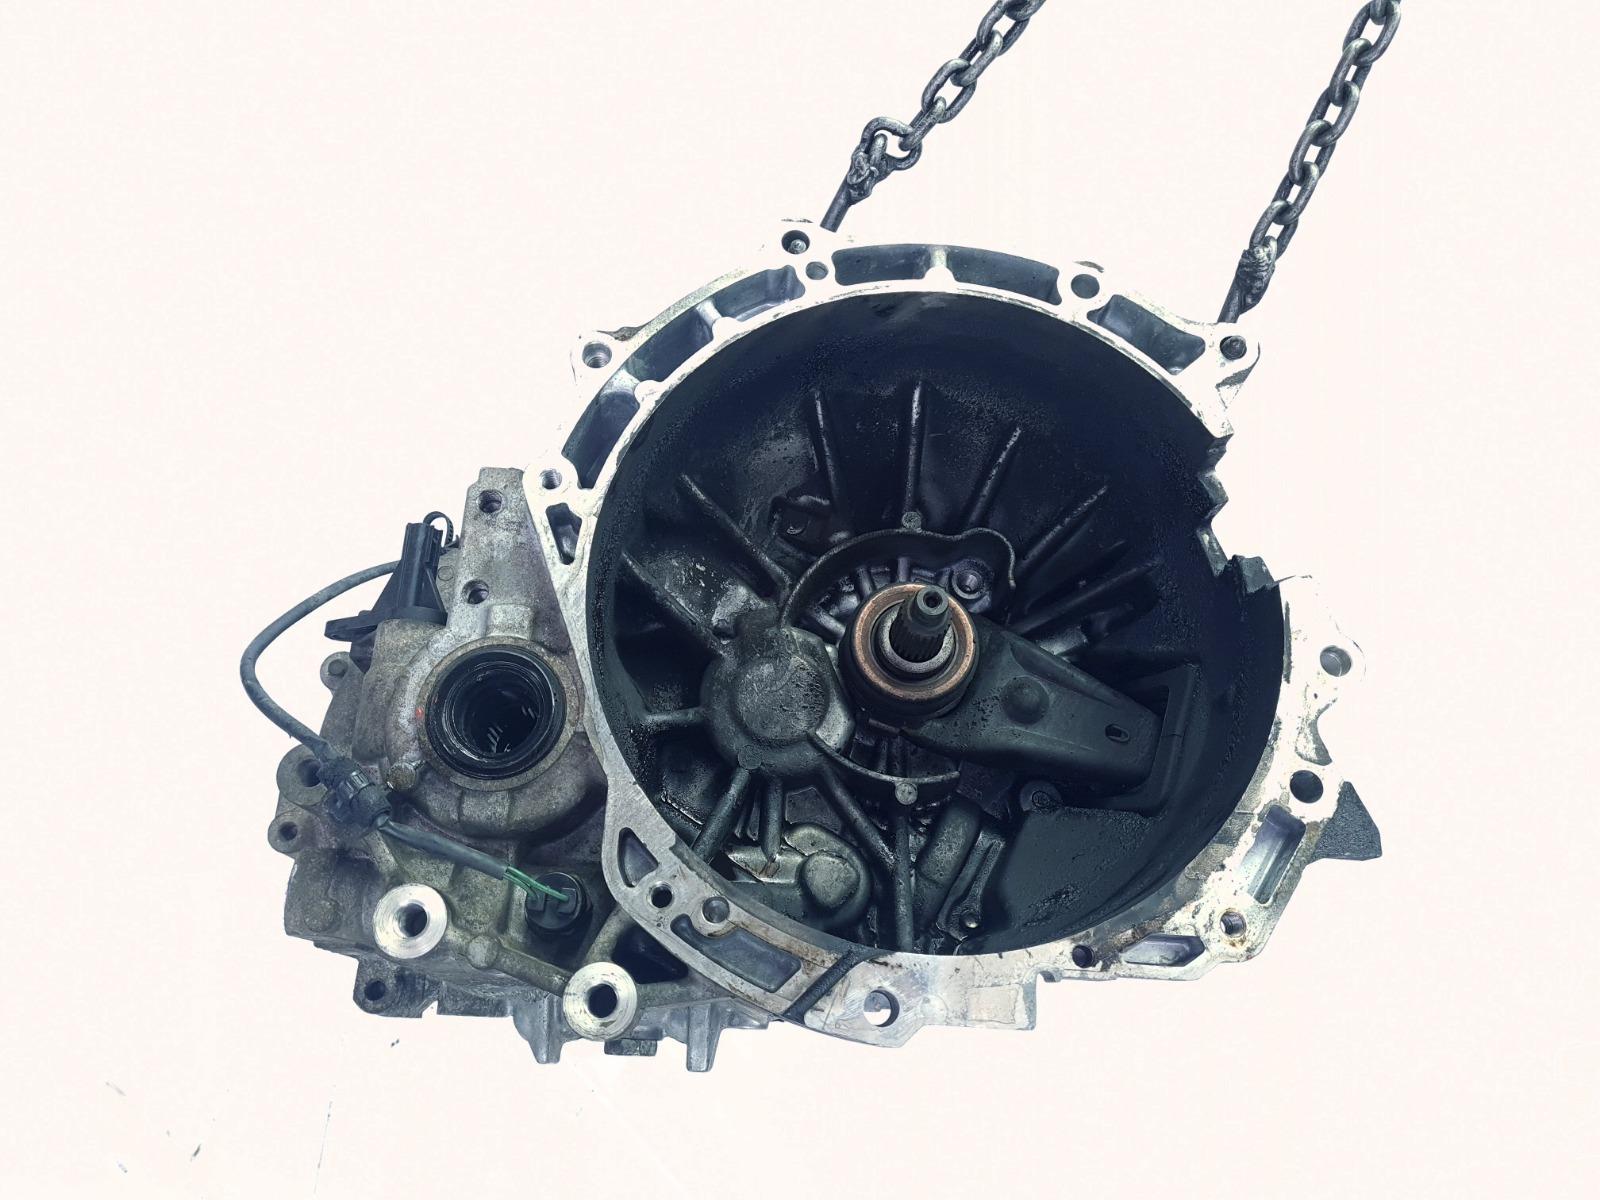 Кпп механическая (мкпп) Mazda 6 1.8 I 2003 (б/у)